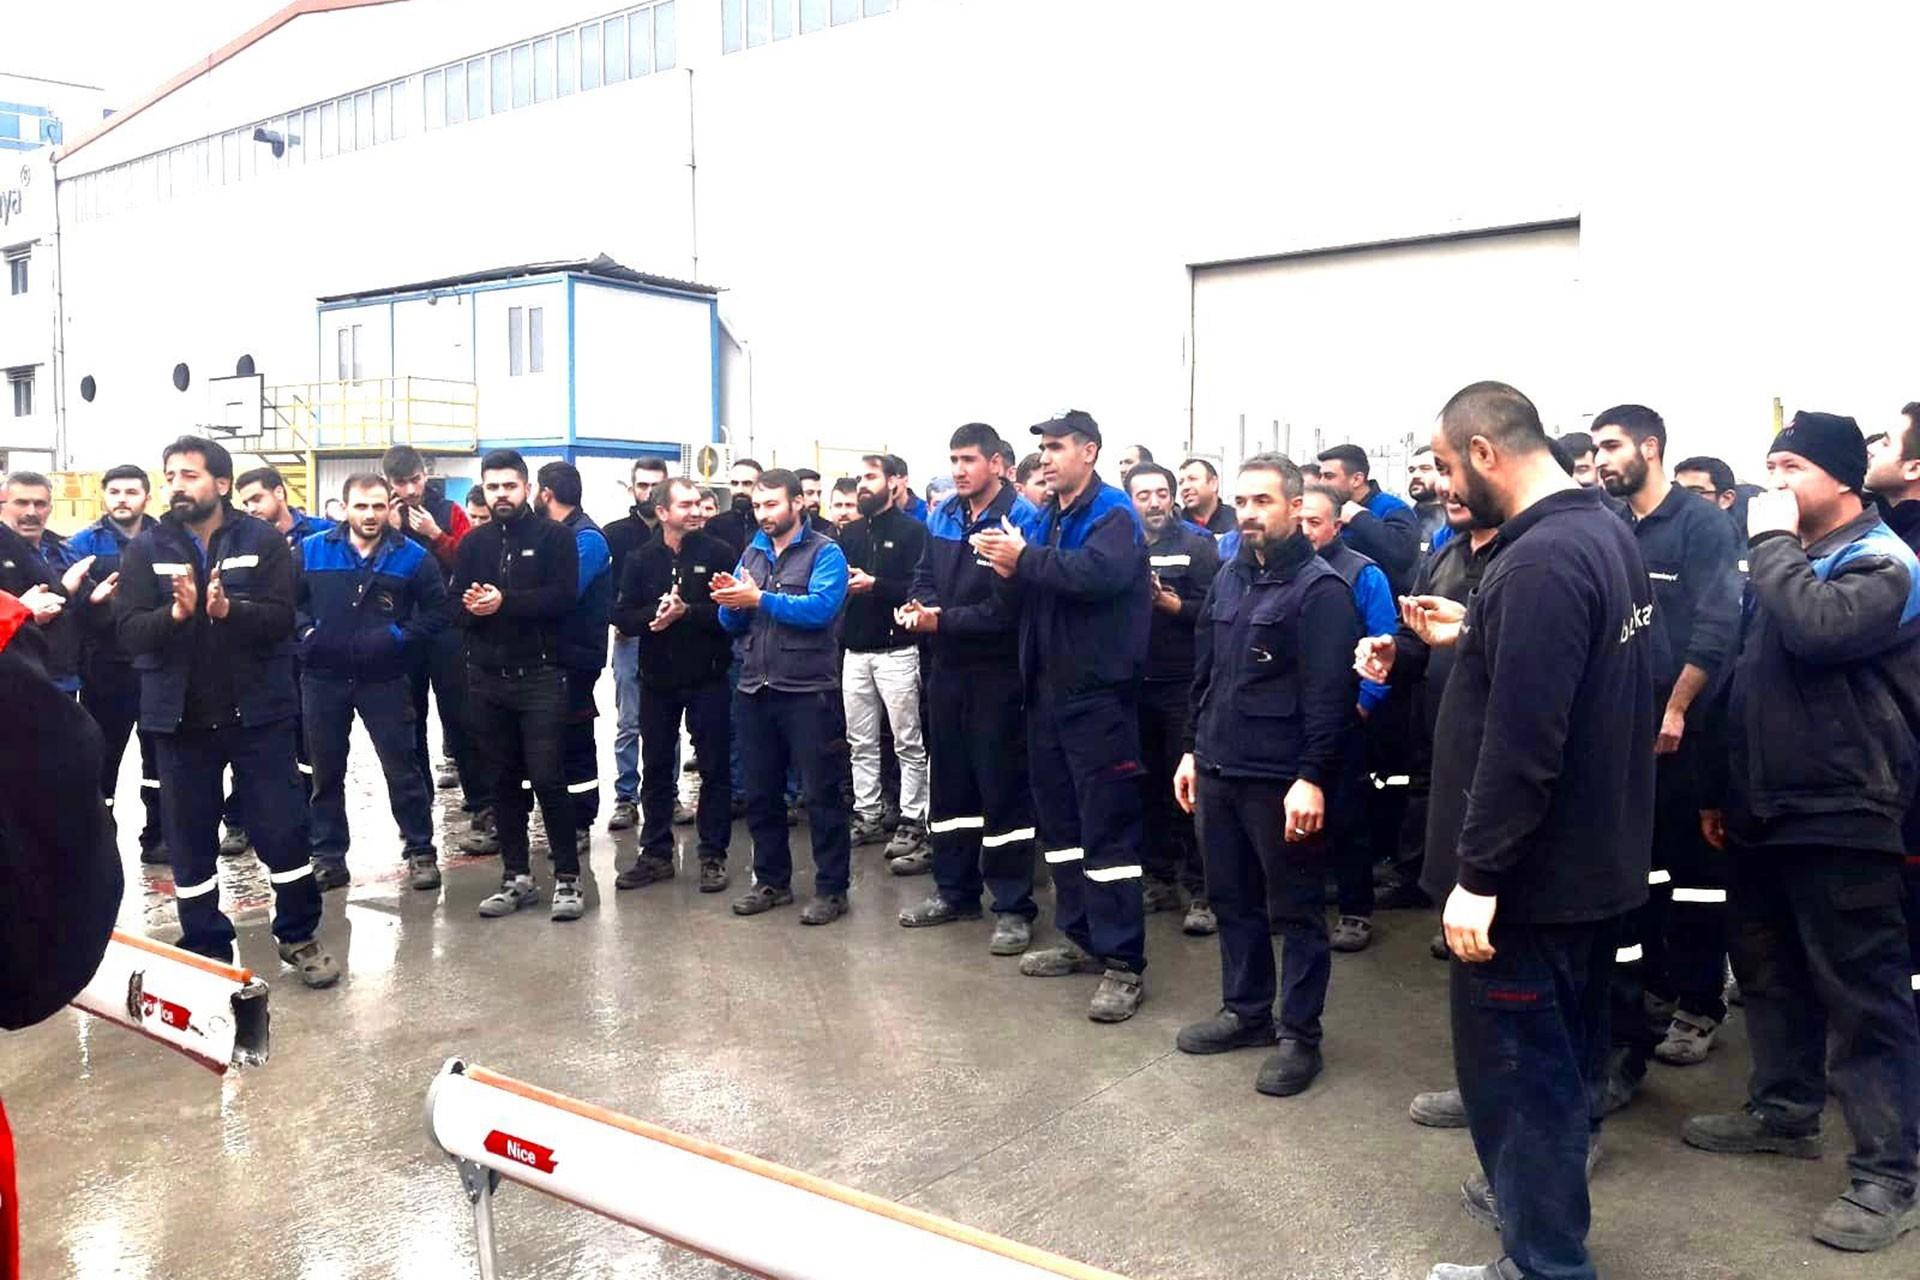 Birleşik Metal-İş üyesi Bozankaya işçileri kalabalık biçimde fabrika önünde işten atmaları protesto ediyor.